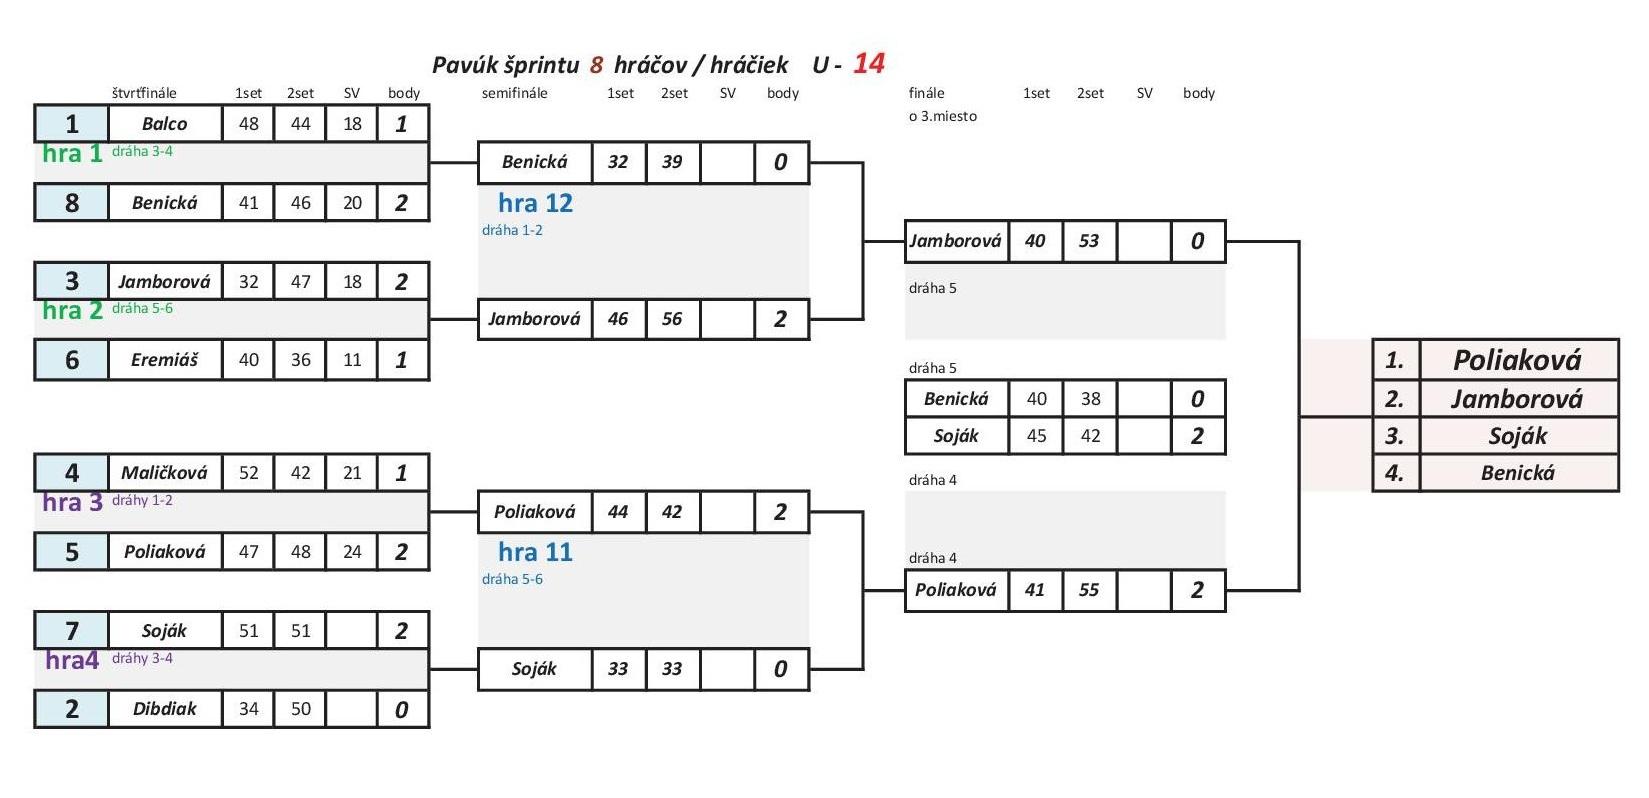 Pavúk šprintu 1.turnaj U-14.jpg